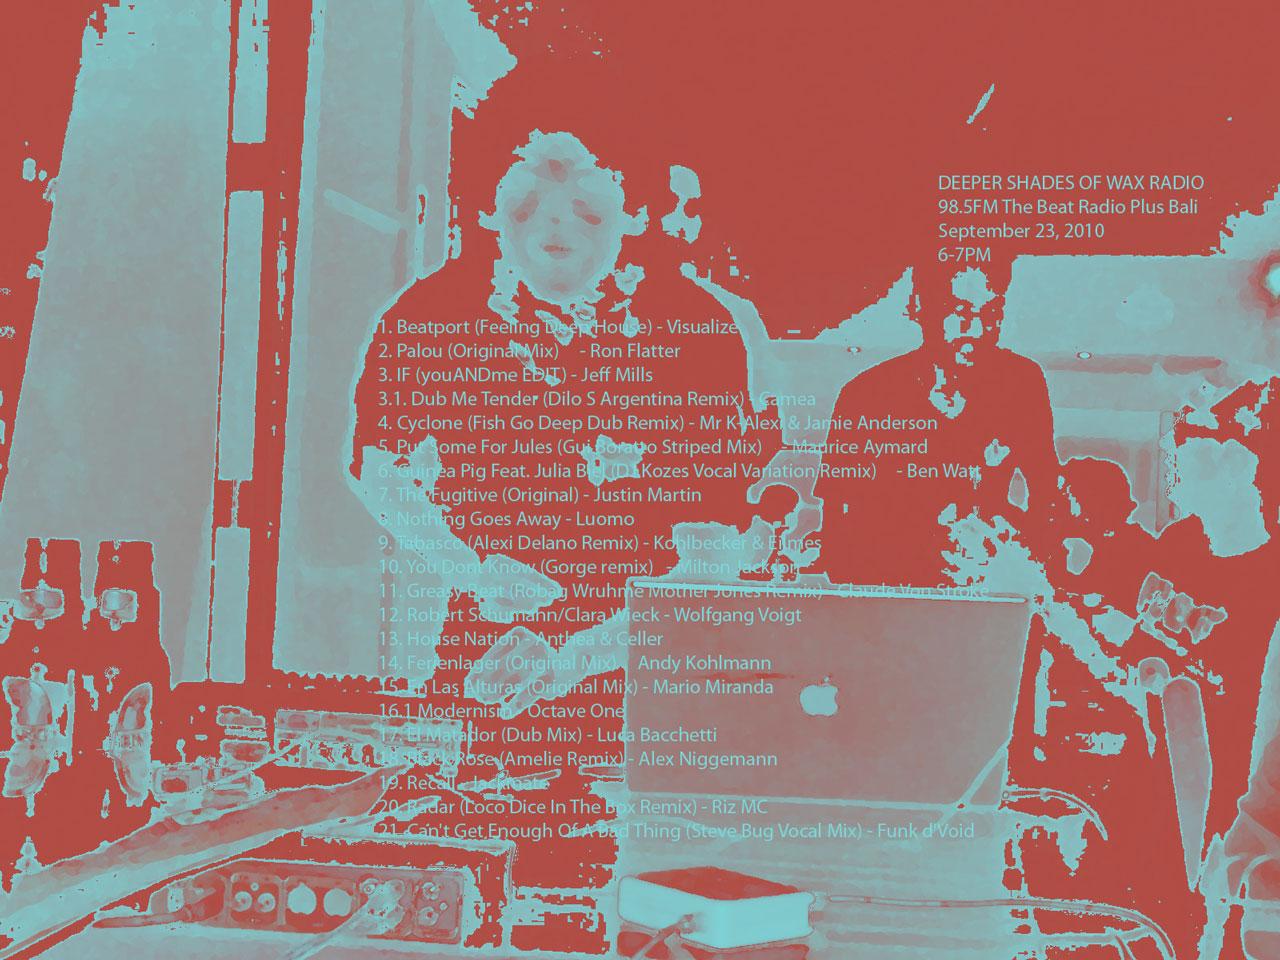 Rockkit - Deeper Shades of Wax Radio Mix